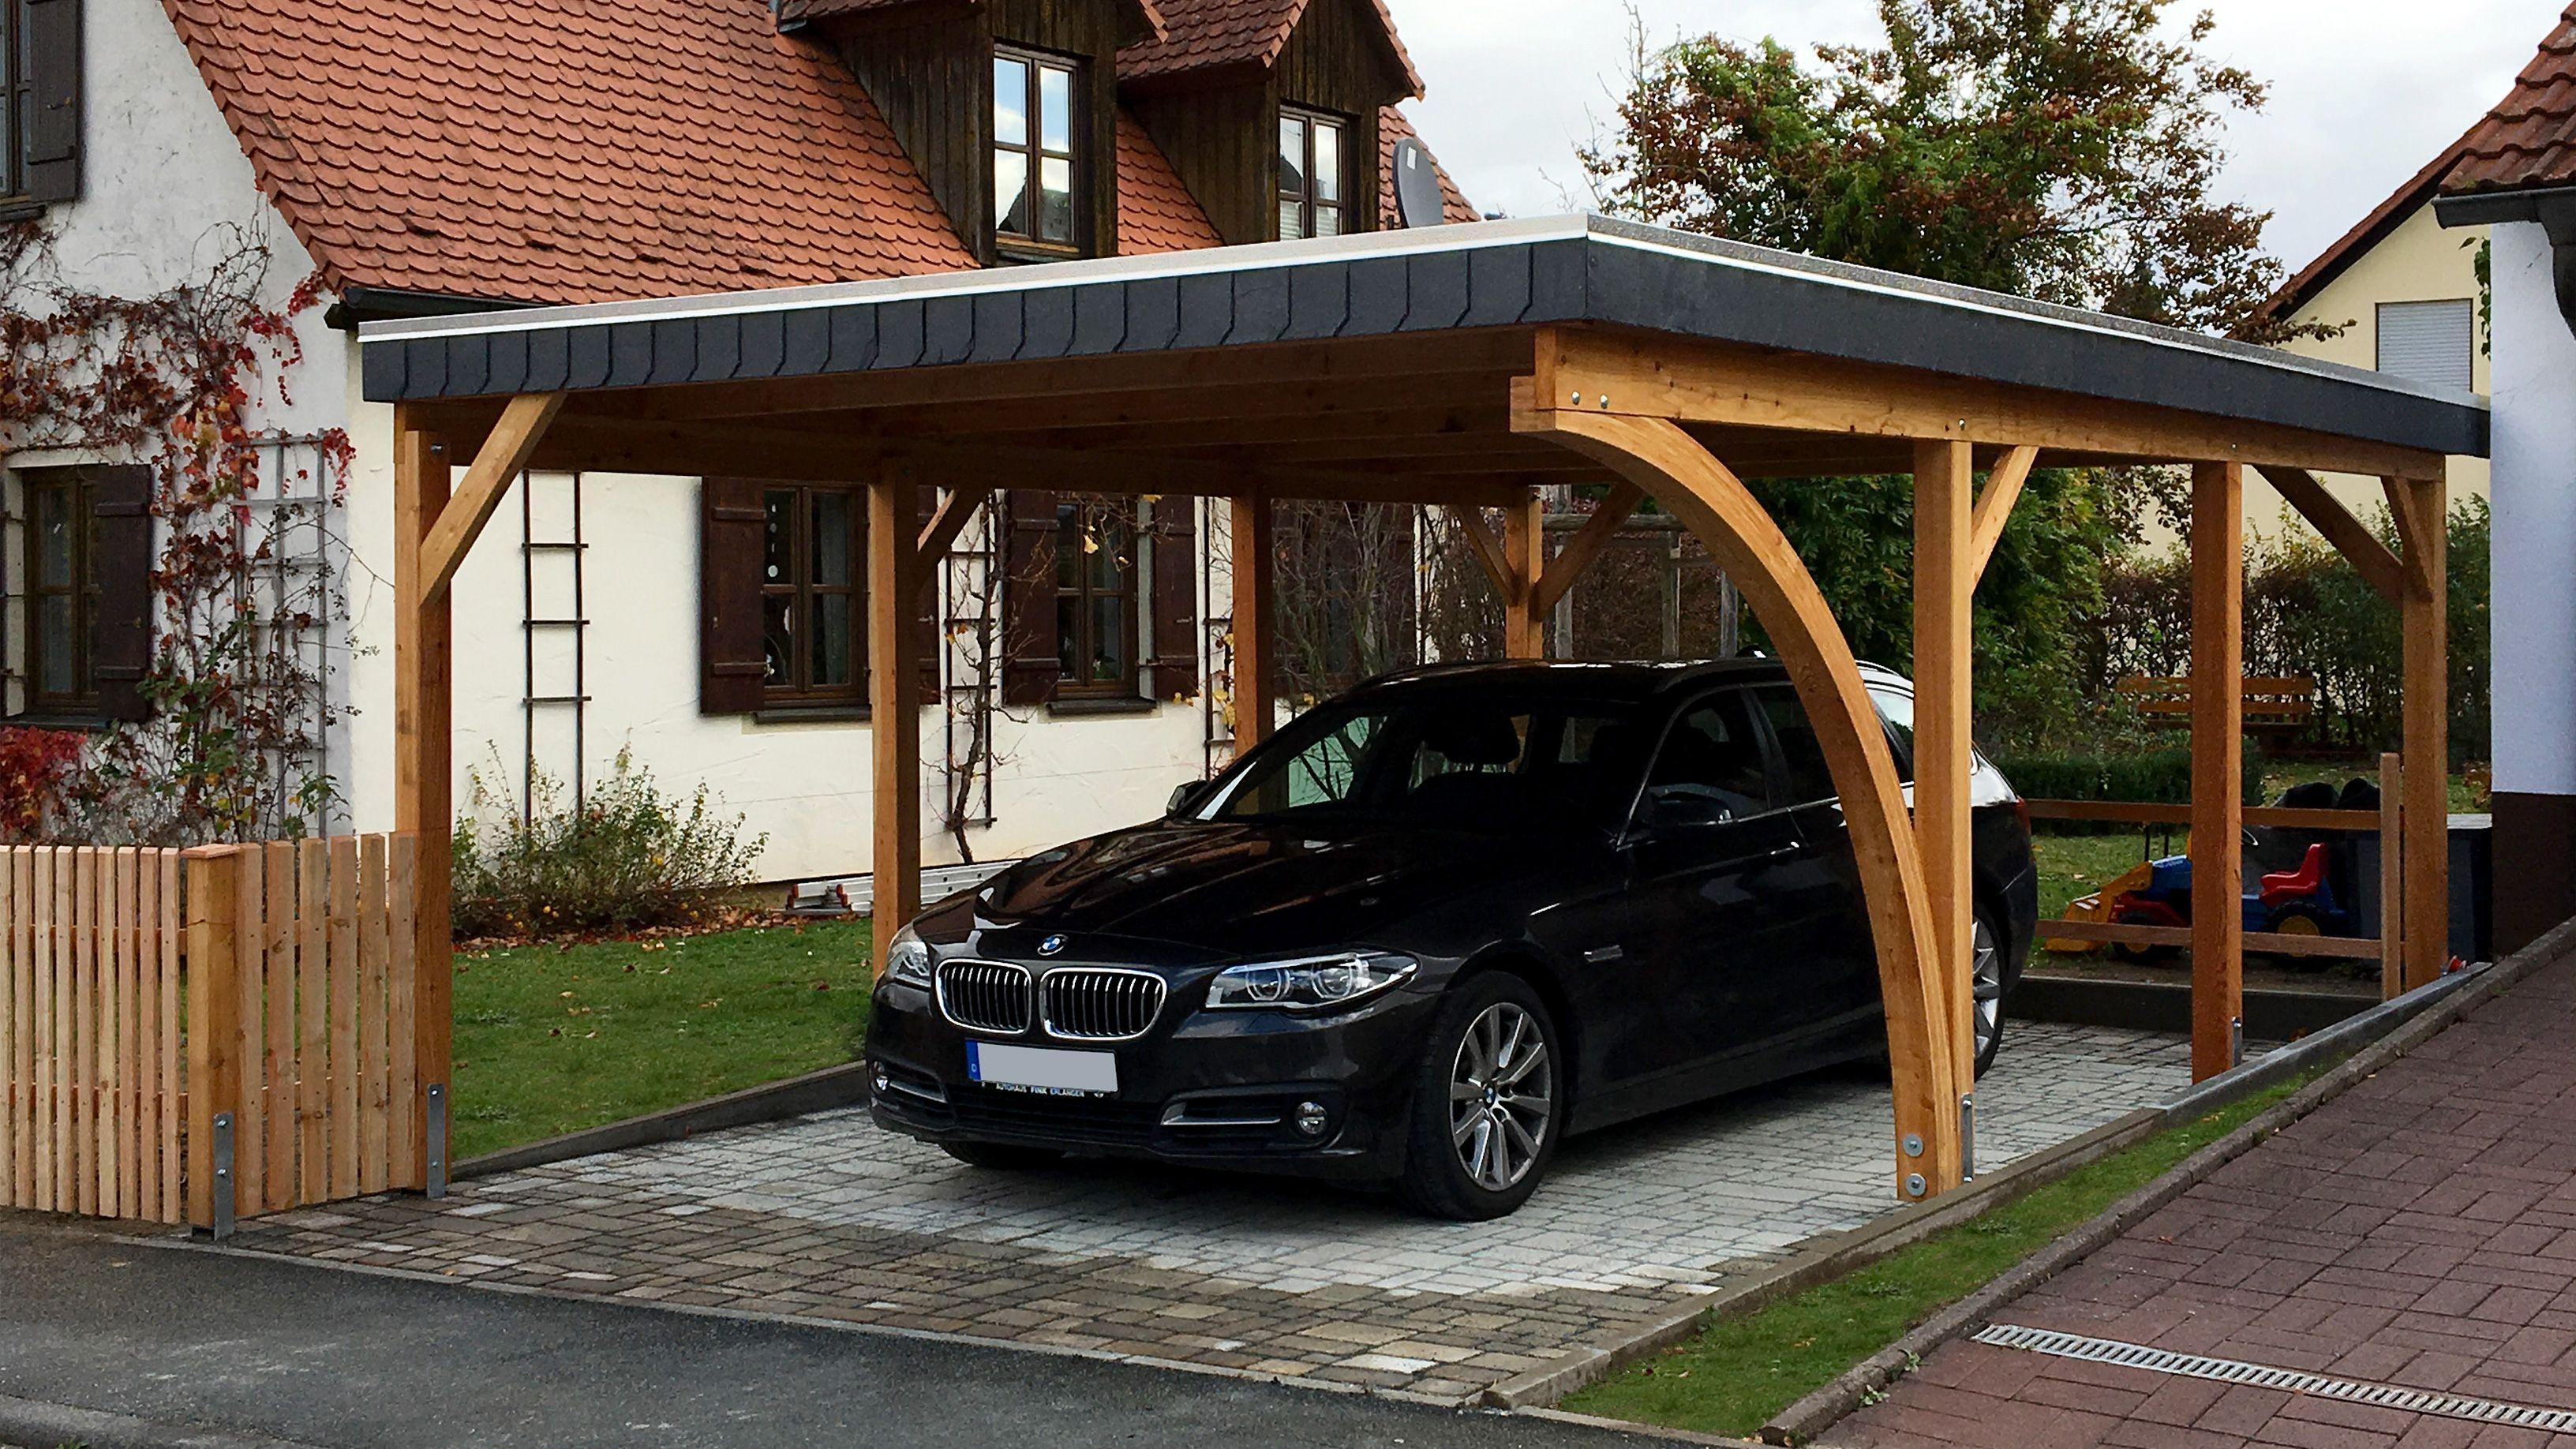 Fotoprämie 2017 unser Platz 1 carport Carport designs